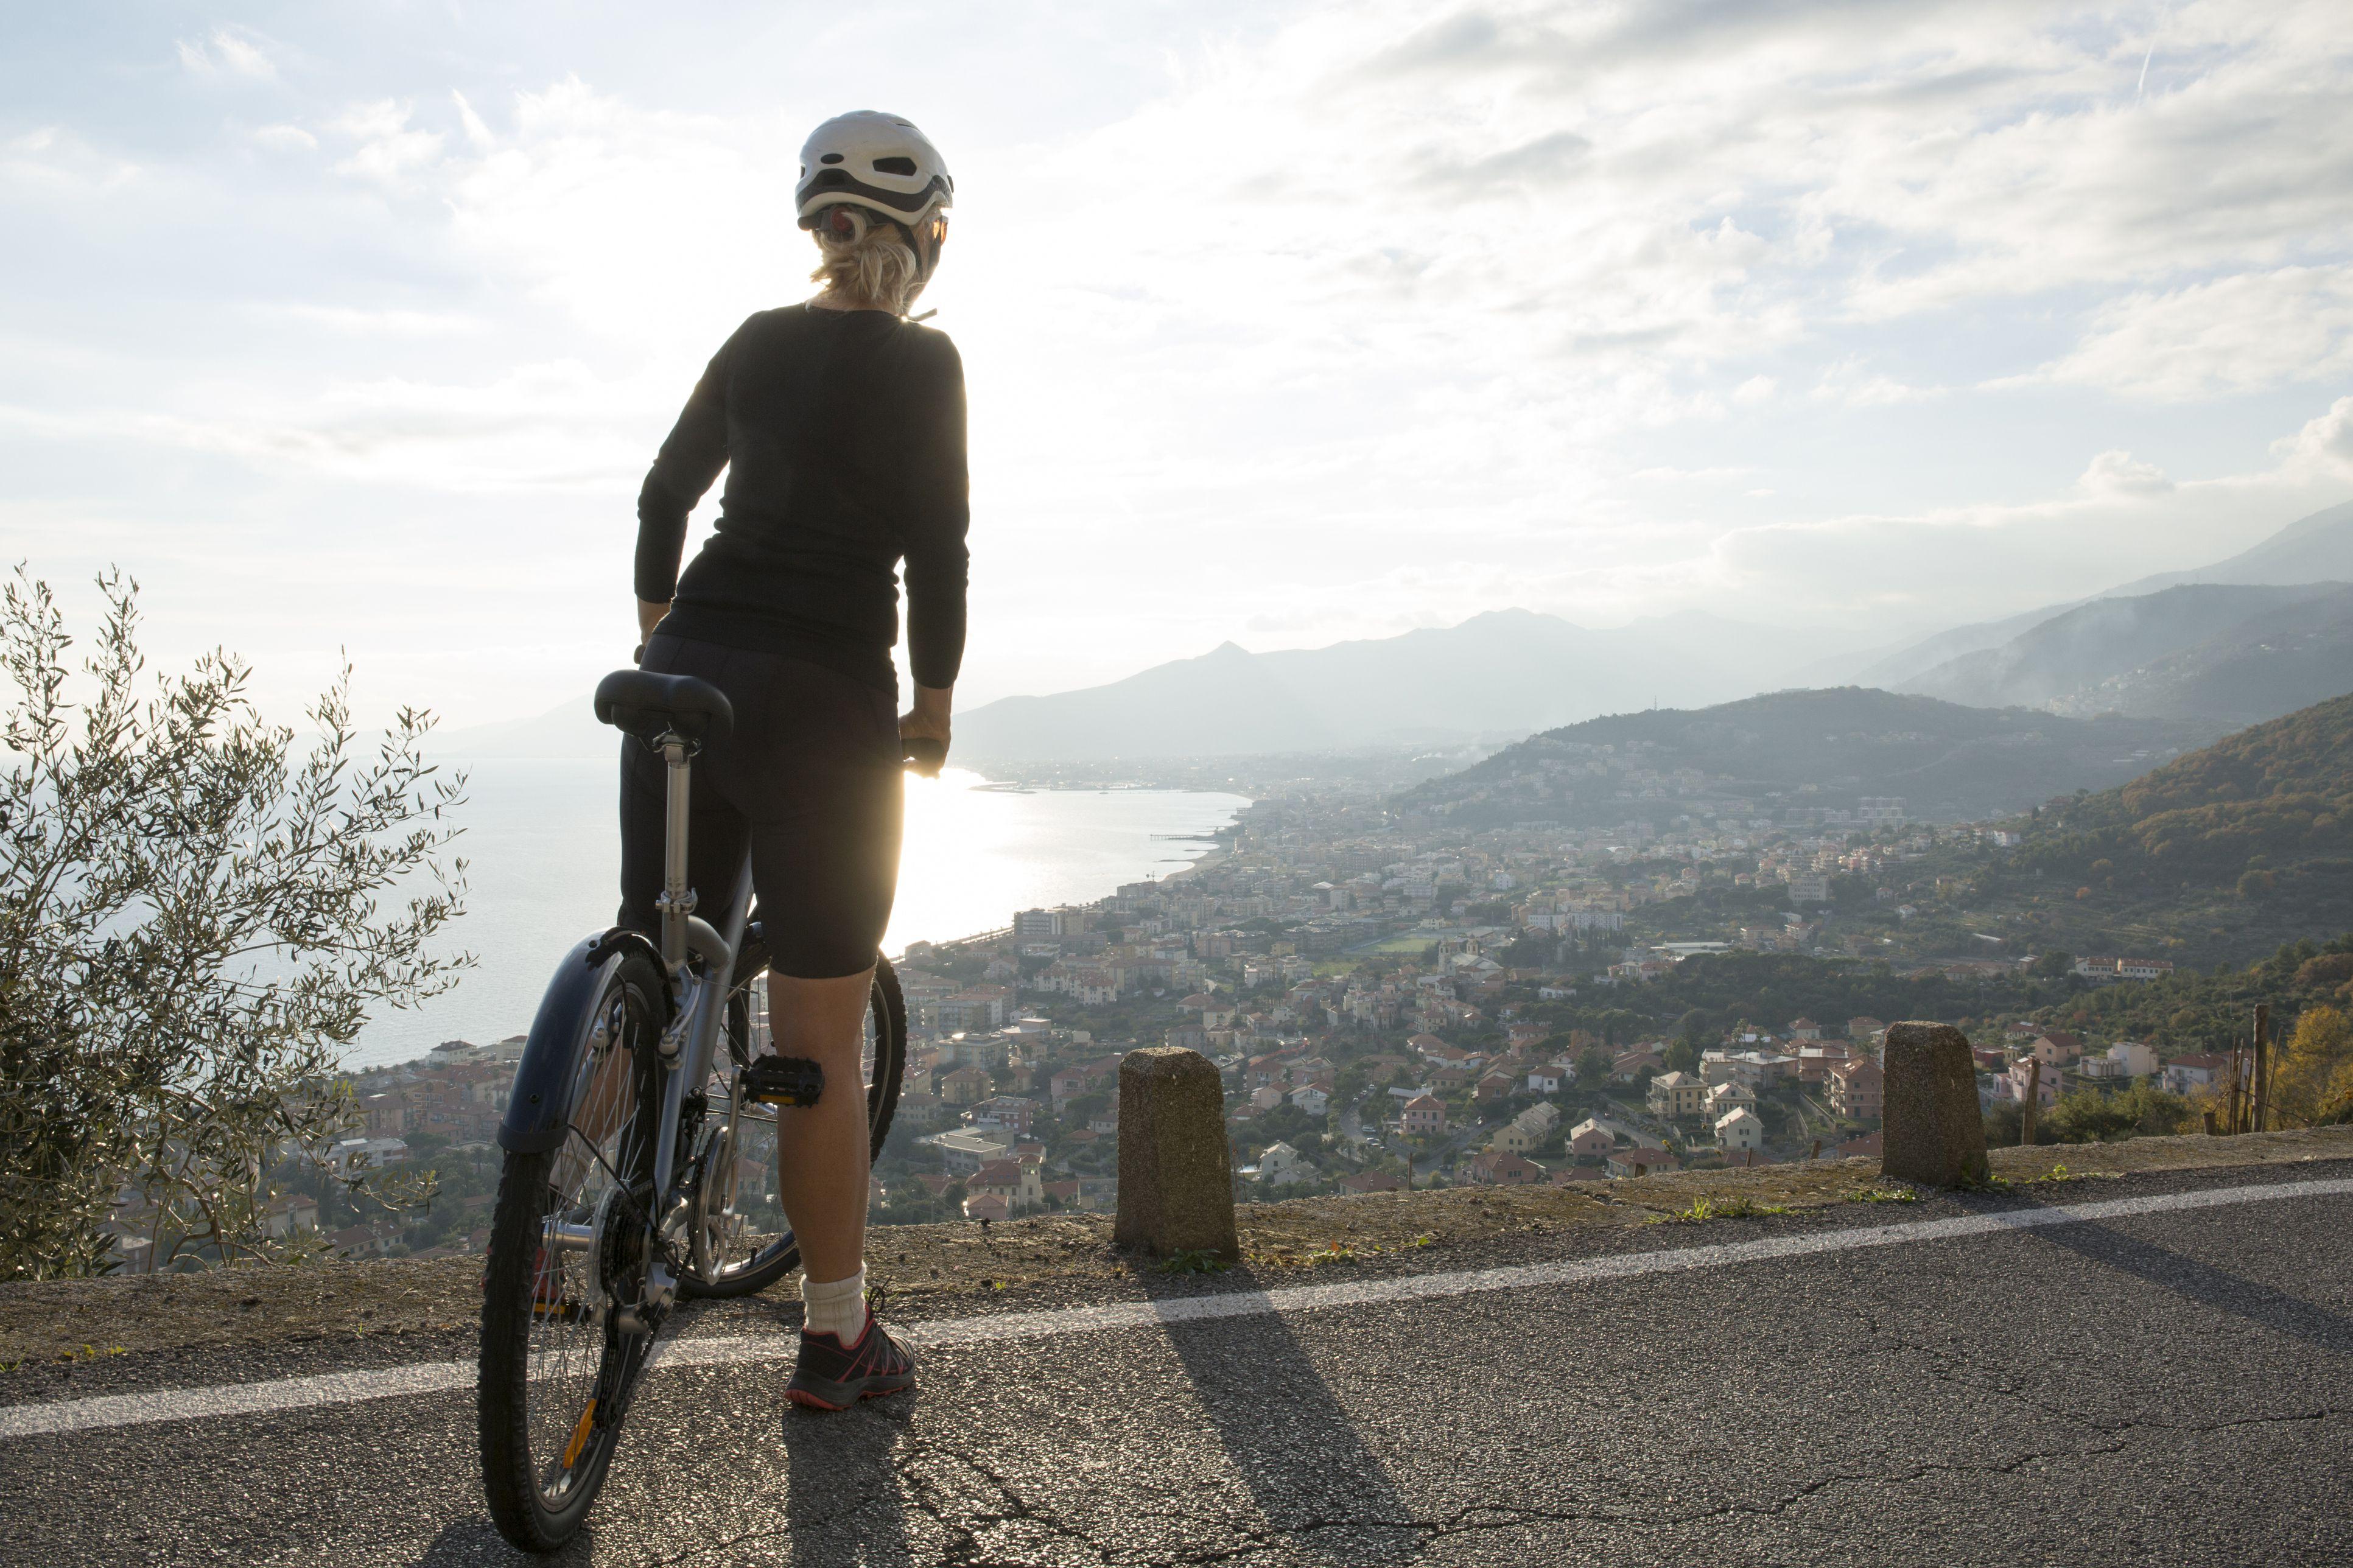 Una mujer se detiene con una bicicleta en una vista panorámica.